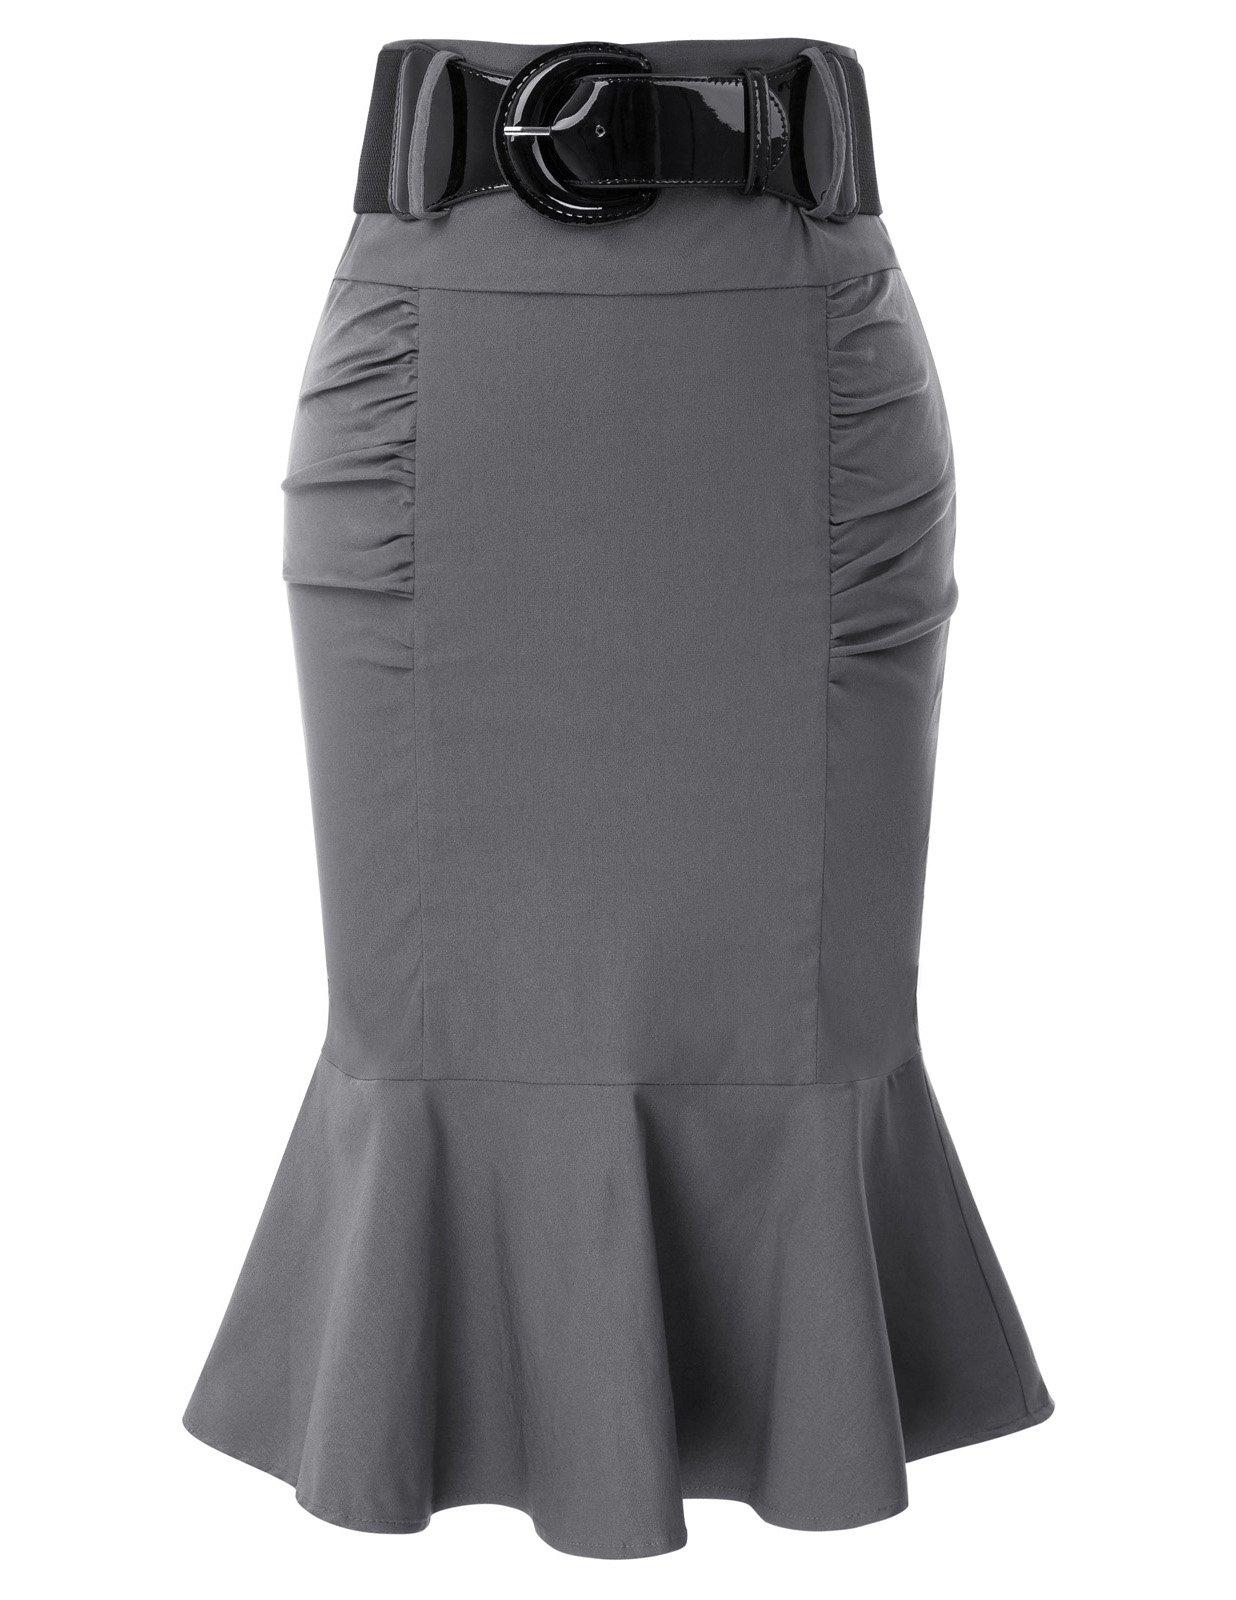 Belle Poque Gray Slim Fit Skirt Vintage High Waist Skirt L BP627-2